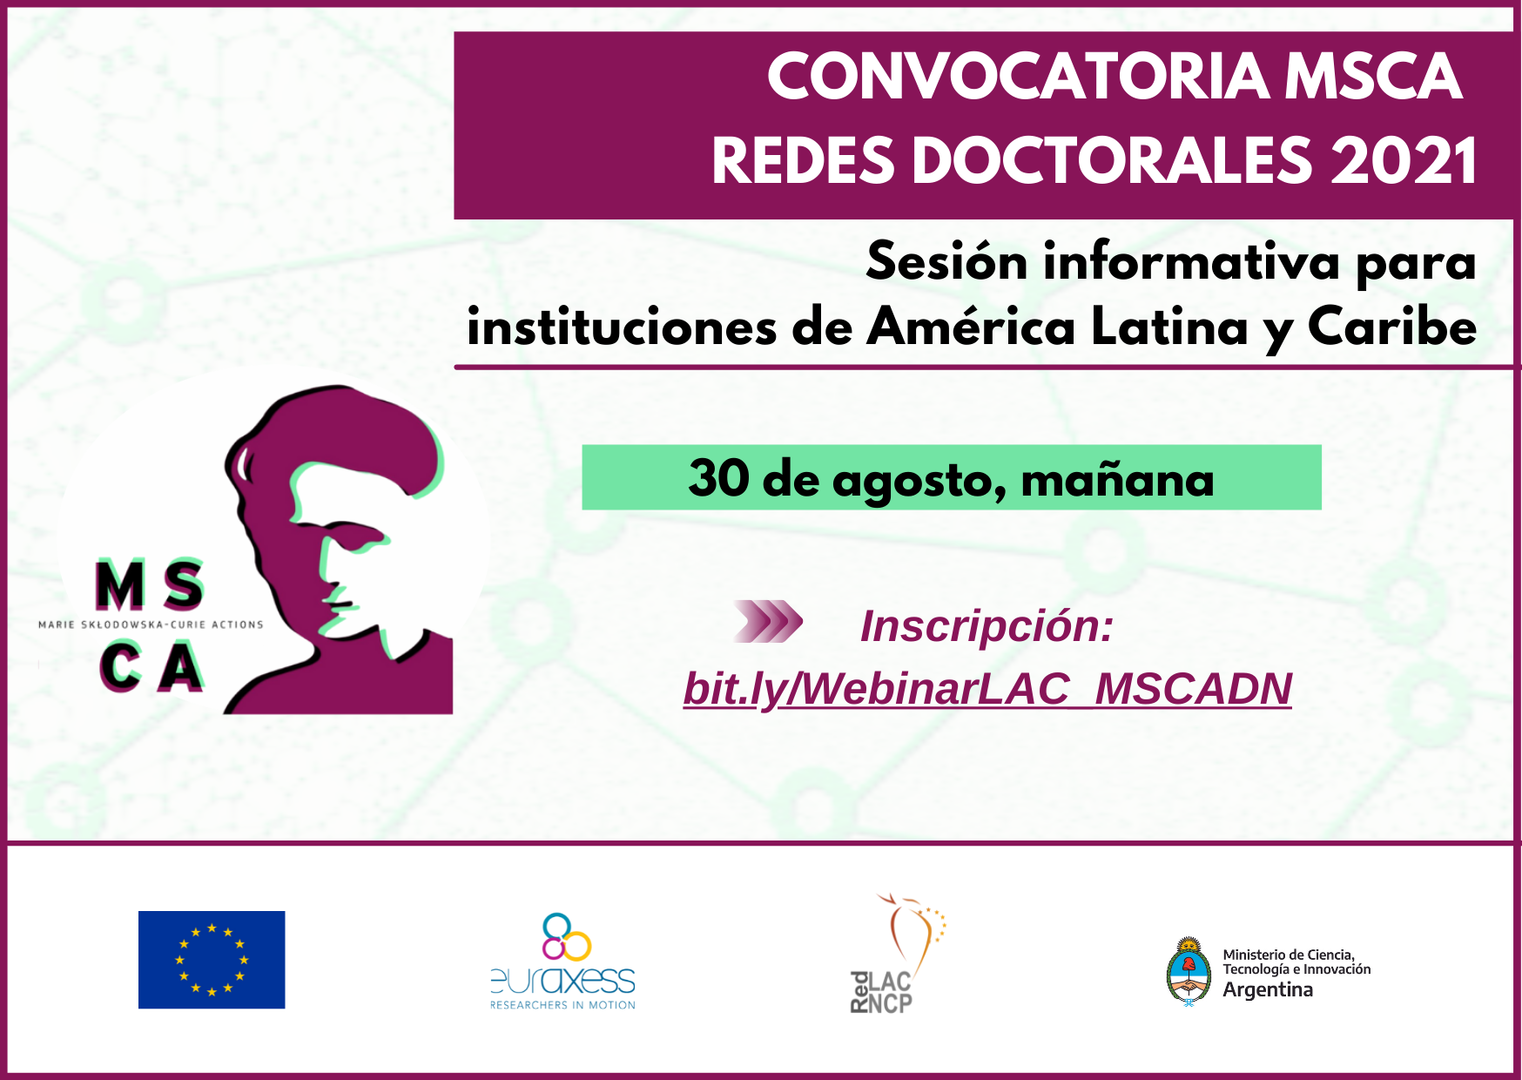 FORMACIÓN. Sesión informativa sobre la convocatoria para Redes Doctorales de Marie Skłodowska-Curie Actions (MSCA DN) para instituciones latinoamericanas y del Caribe